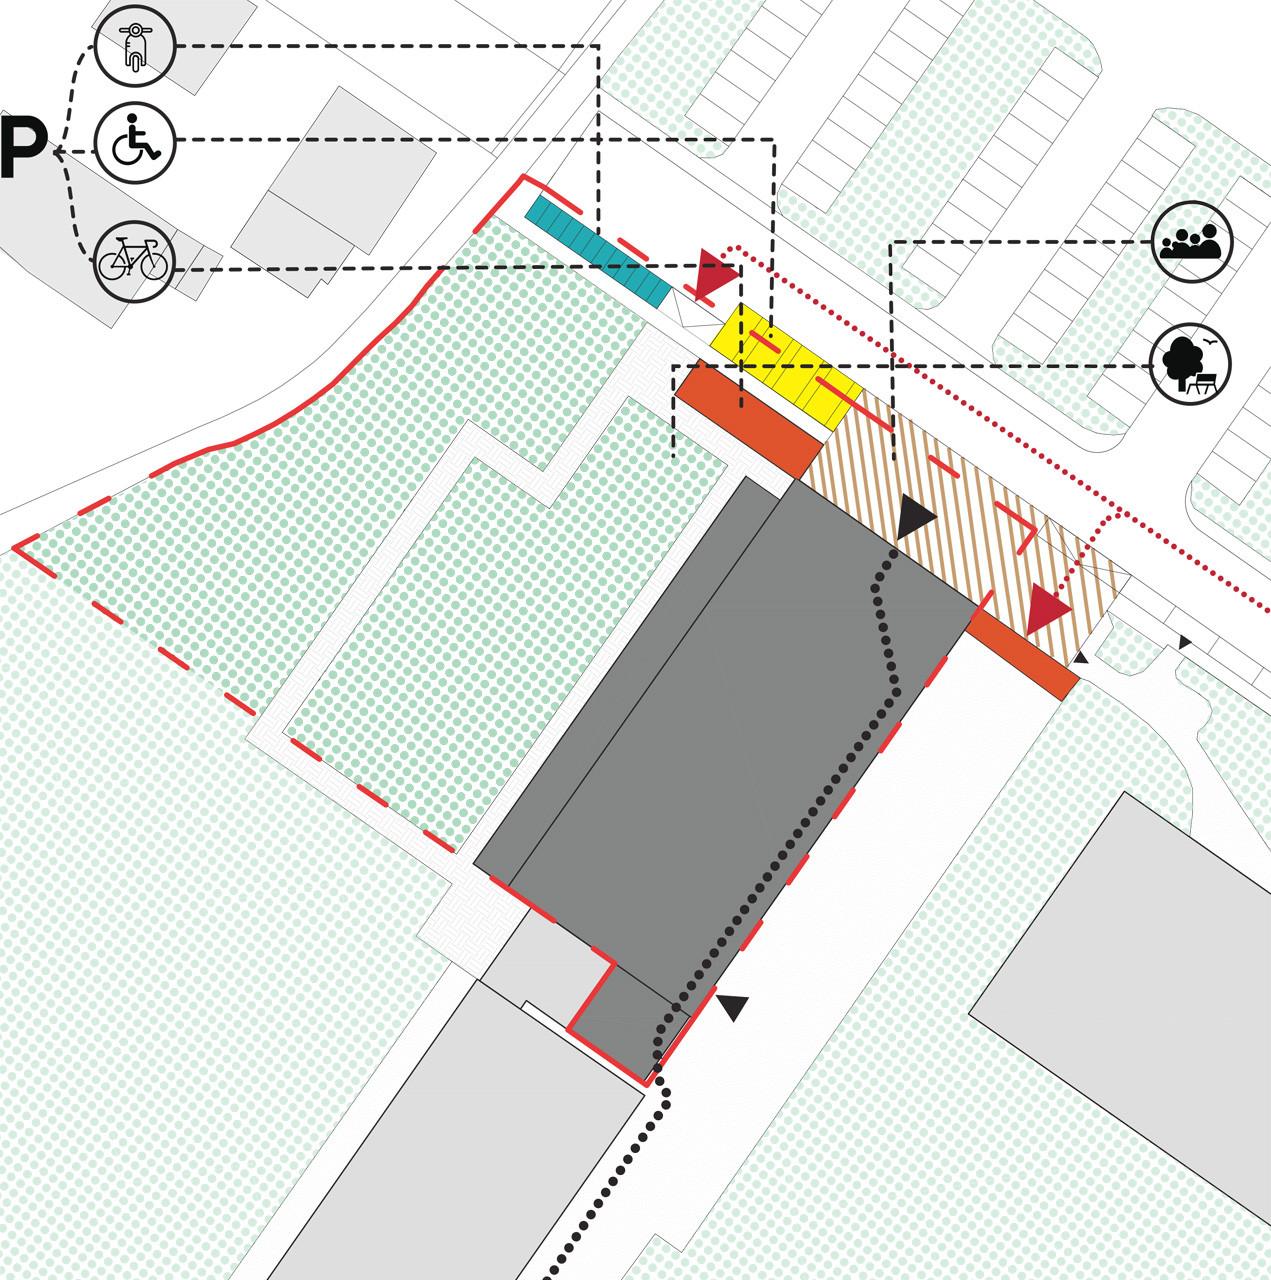 schema urbanistico